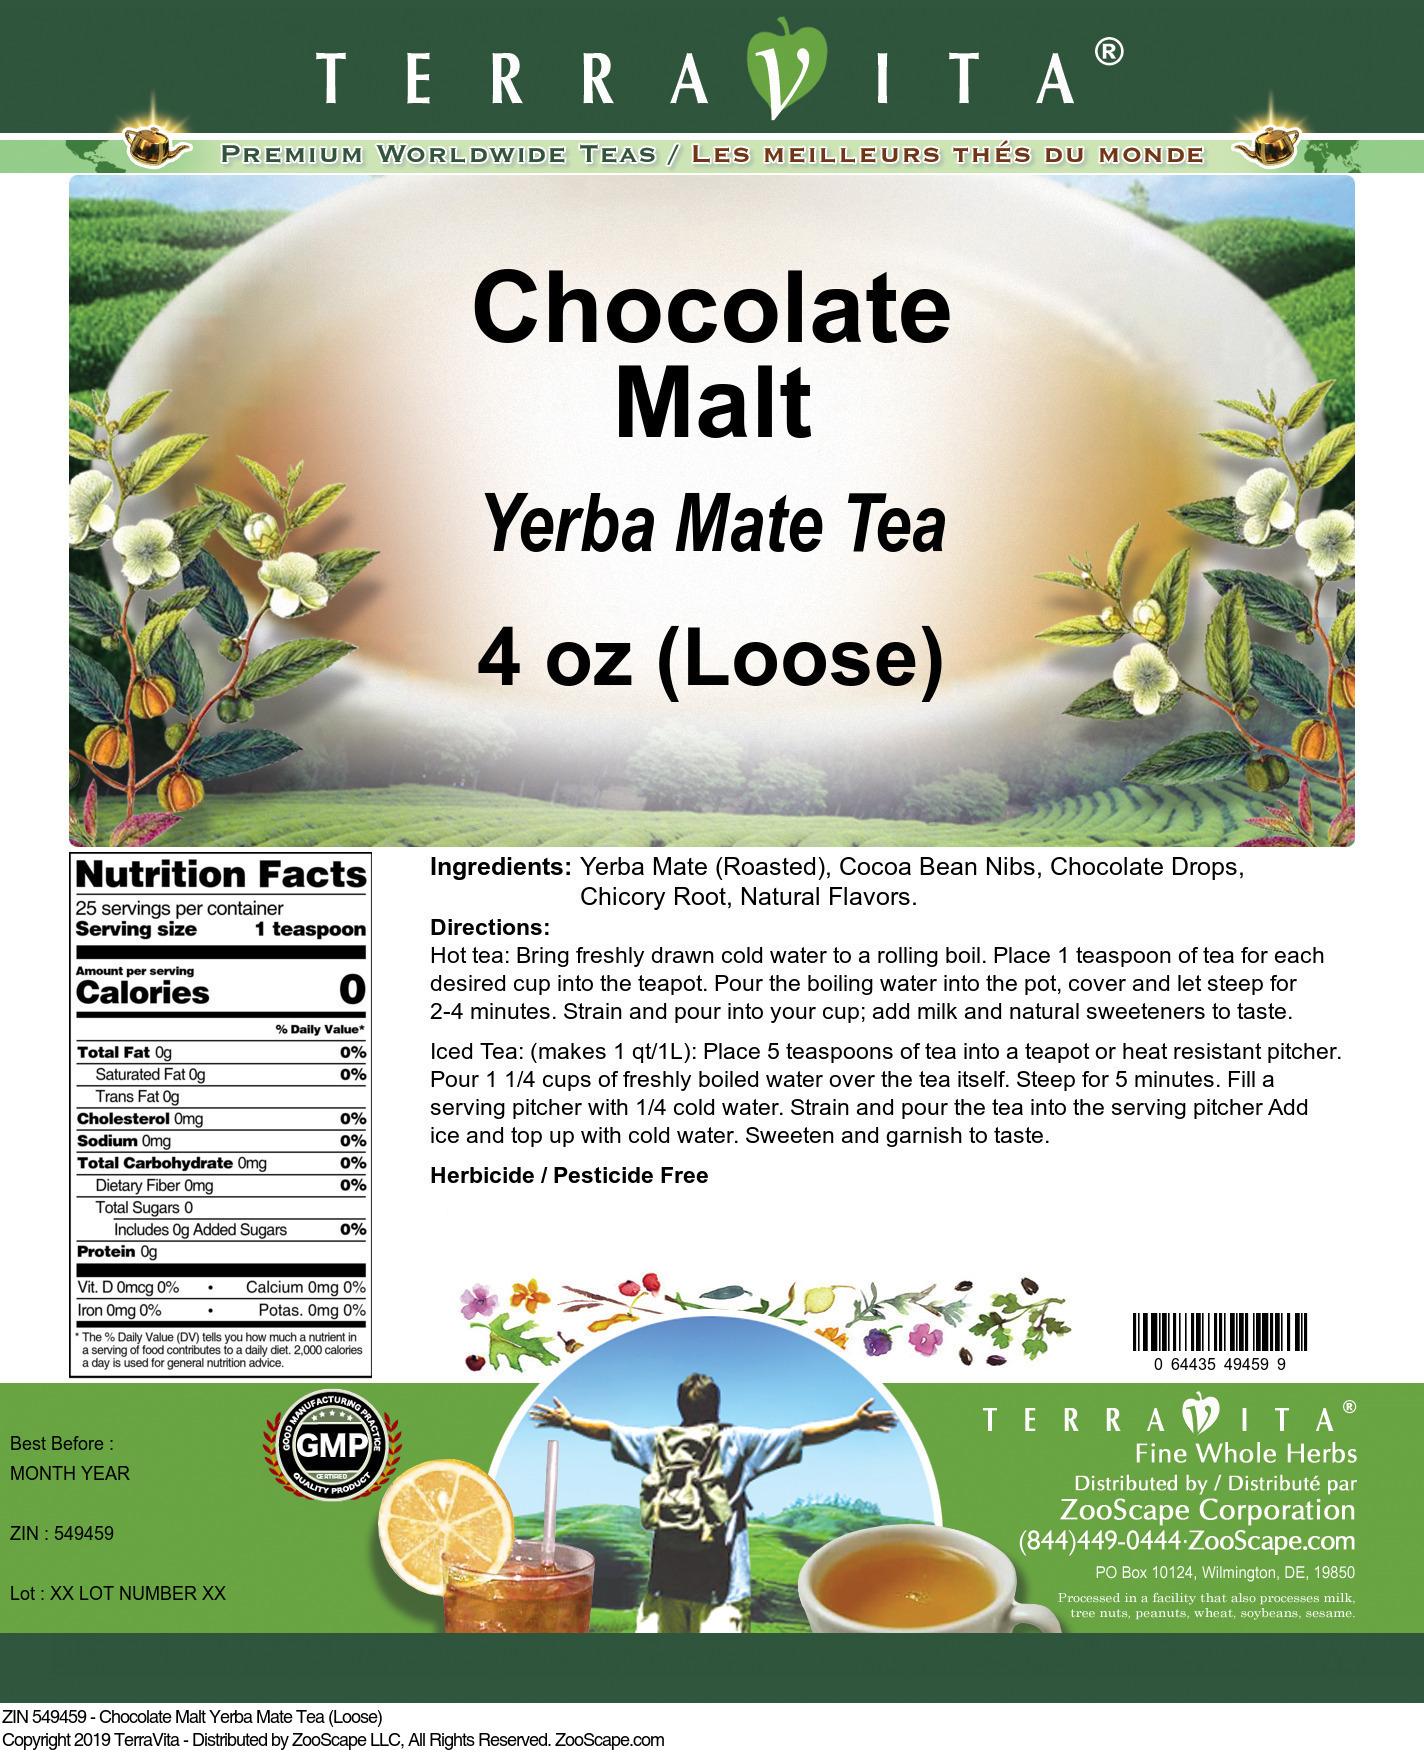 Chocolate Malt Yerba Mate Tea (Loose)